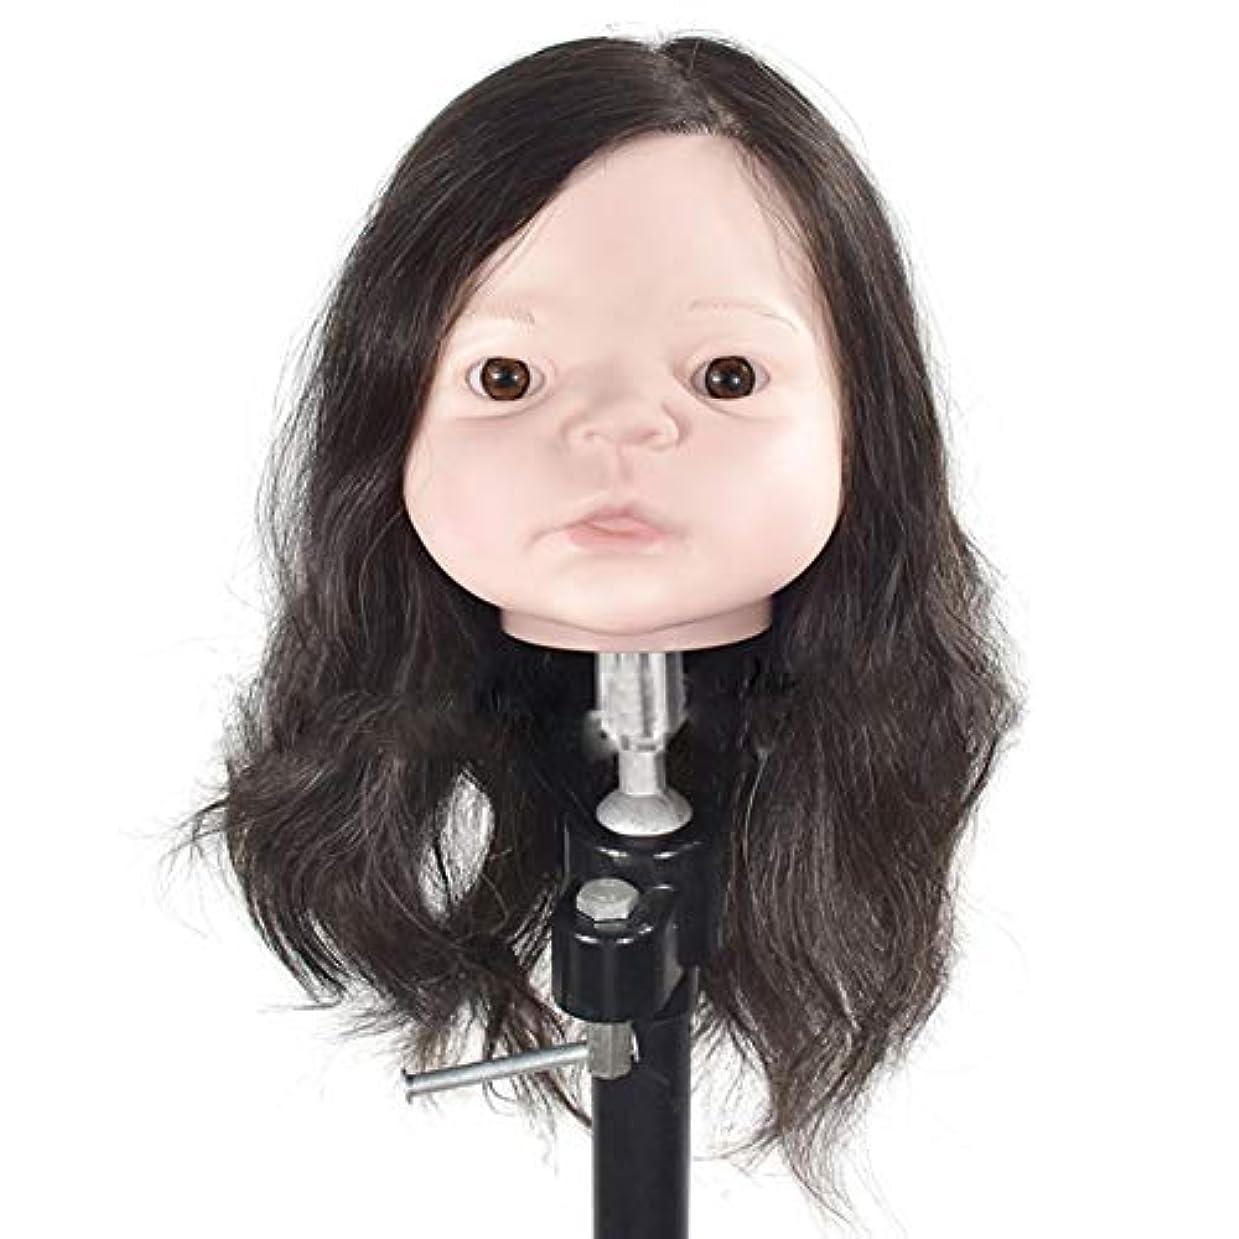 契約する認識キュービック専門の練習ホット染色漂白鋏モデリングマニアックヘッド編み髪のかつら模型人形ティーチングヘッド